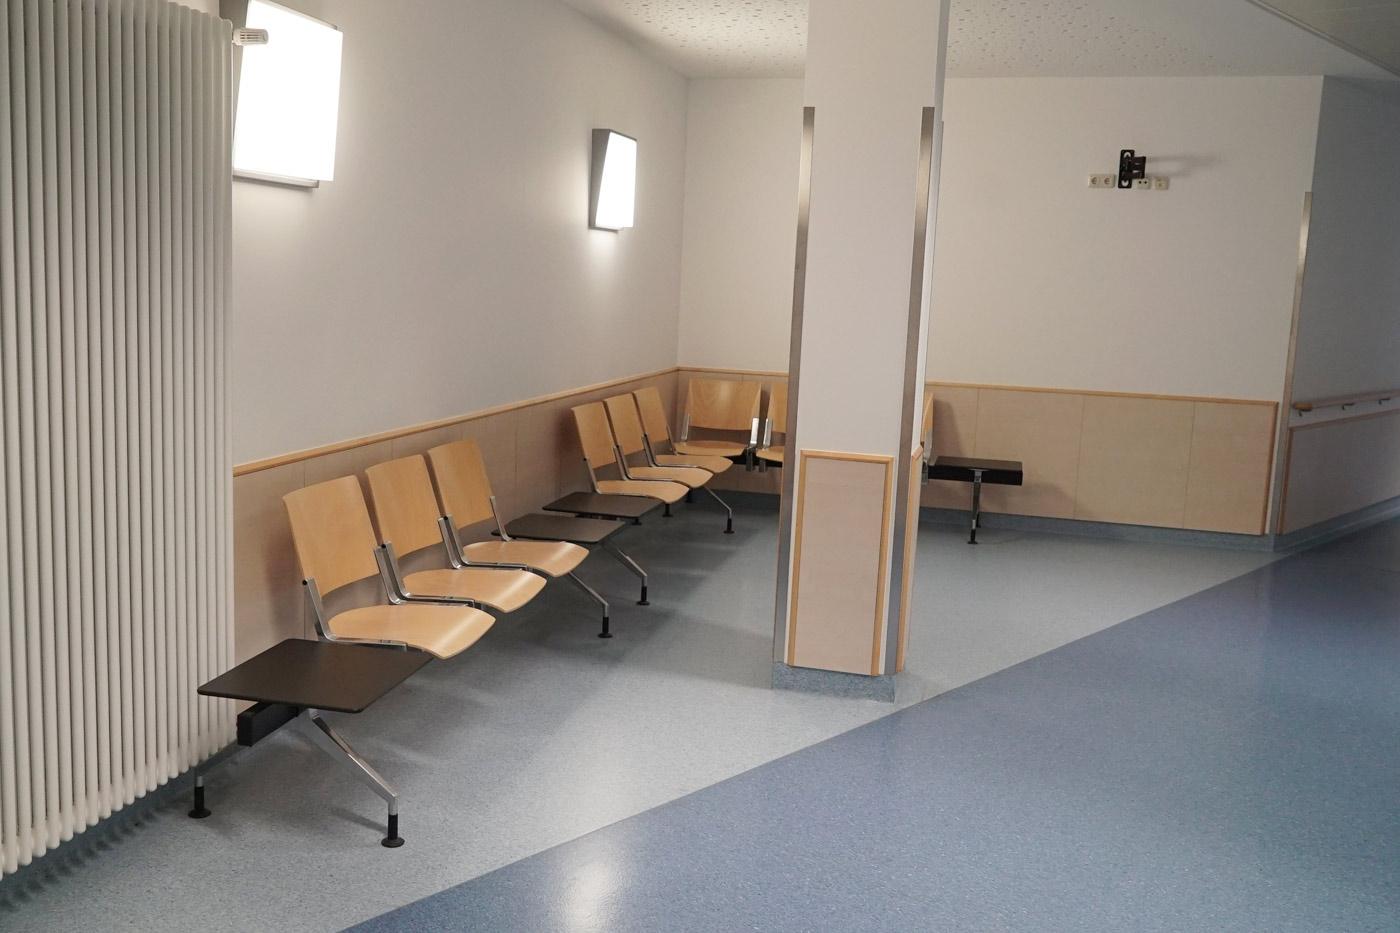 Patienten- und Besucheraufenthaltsbereiche